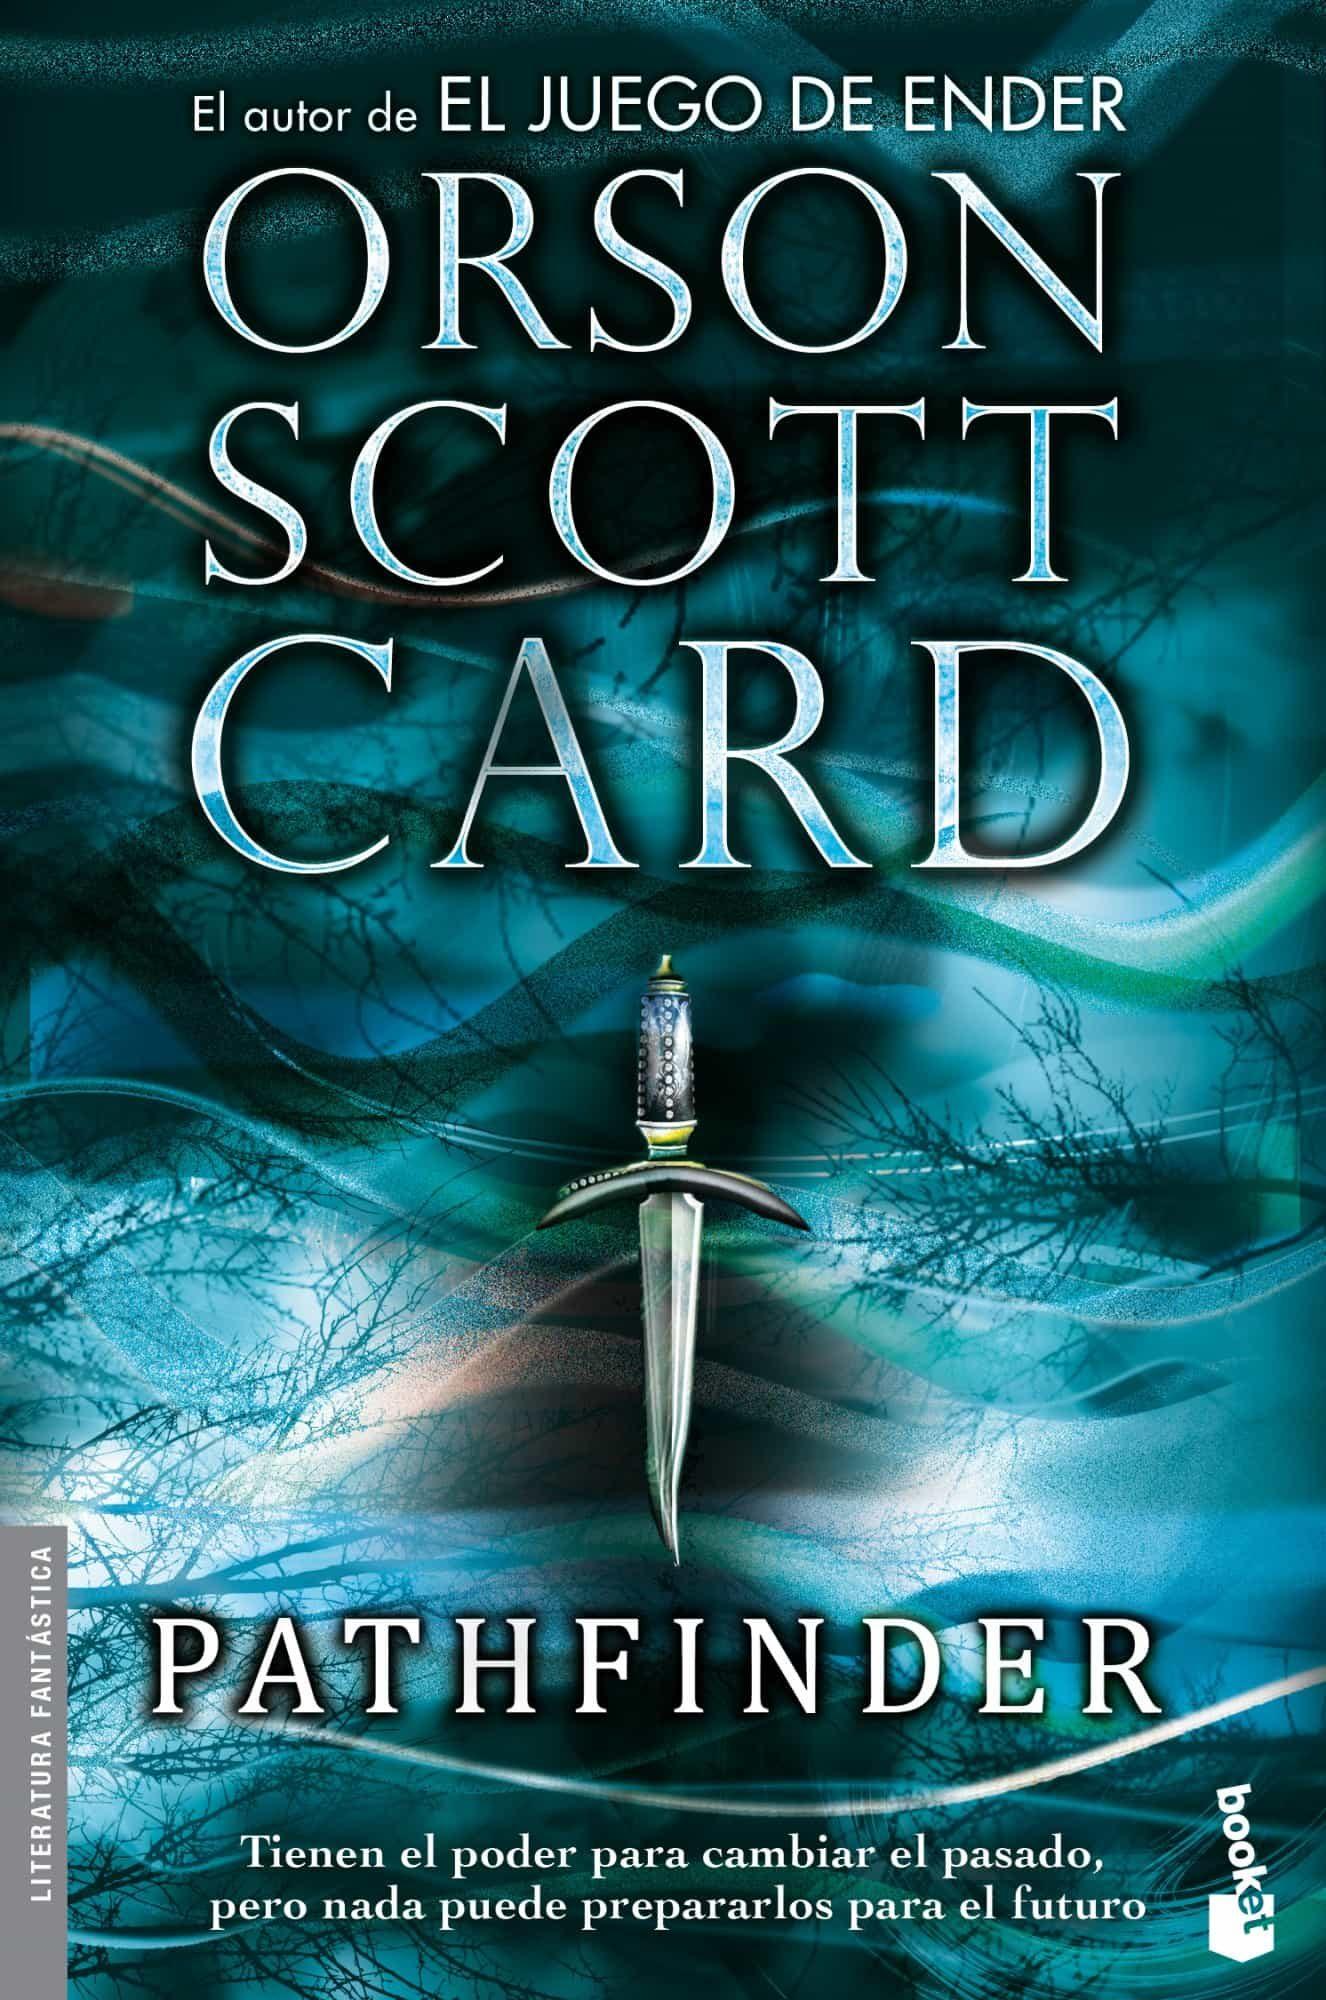 PATHFINDER | ORSON SCOTT CARD | Comprar libro 9788445000946